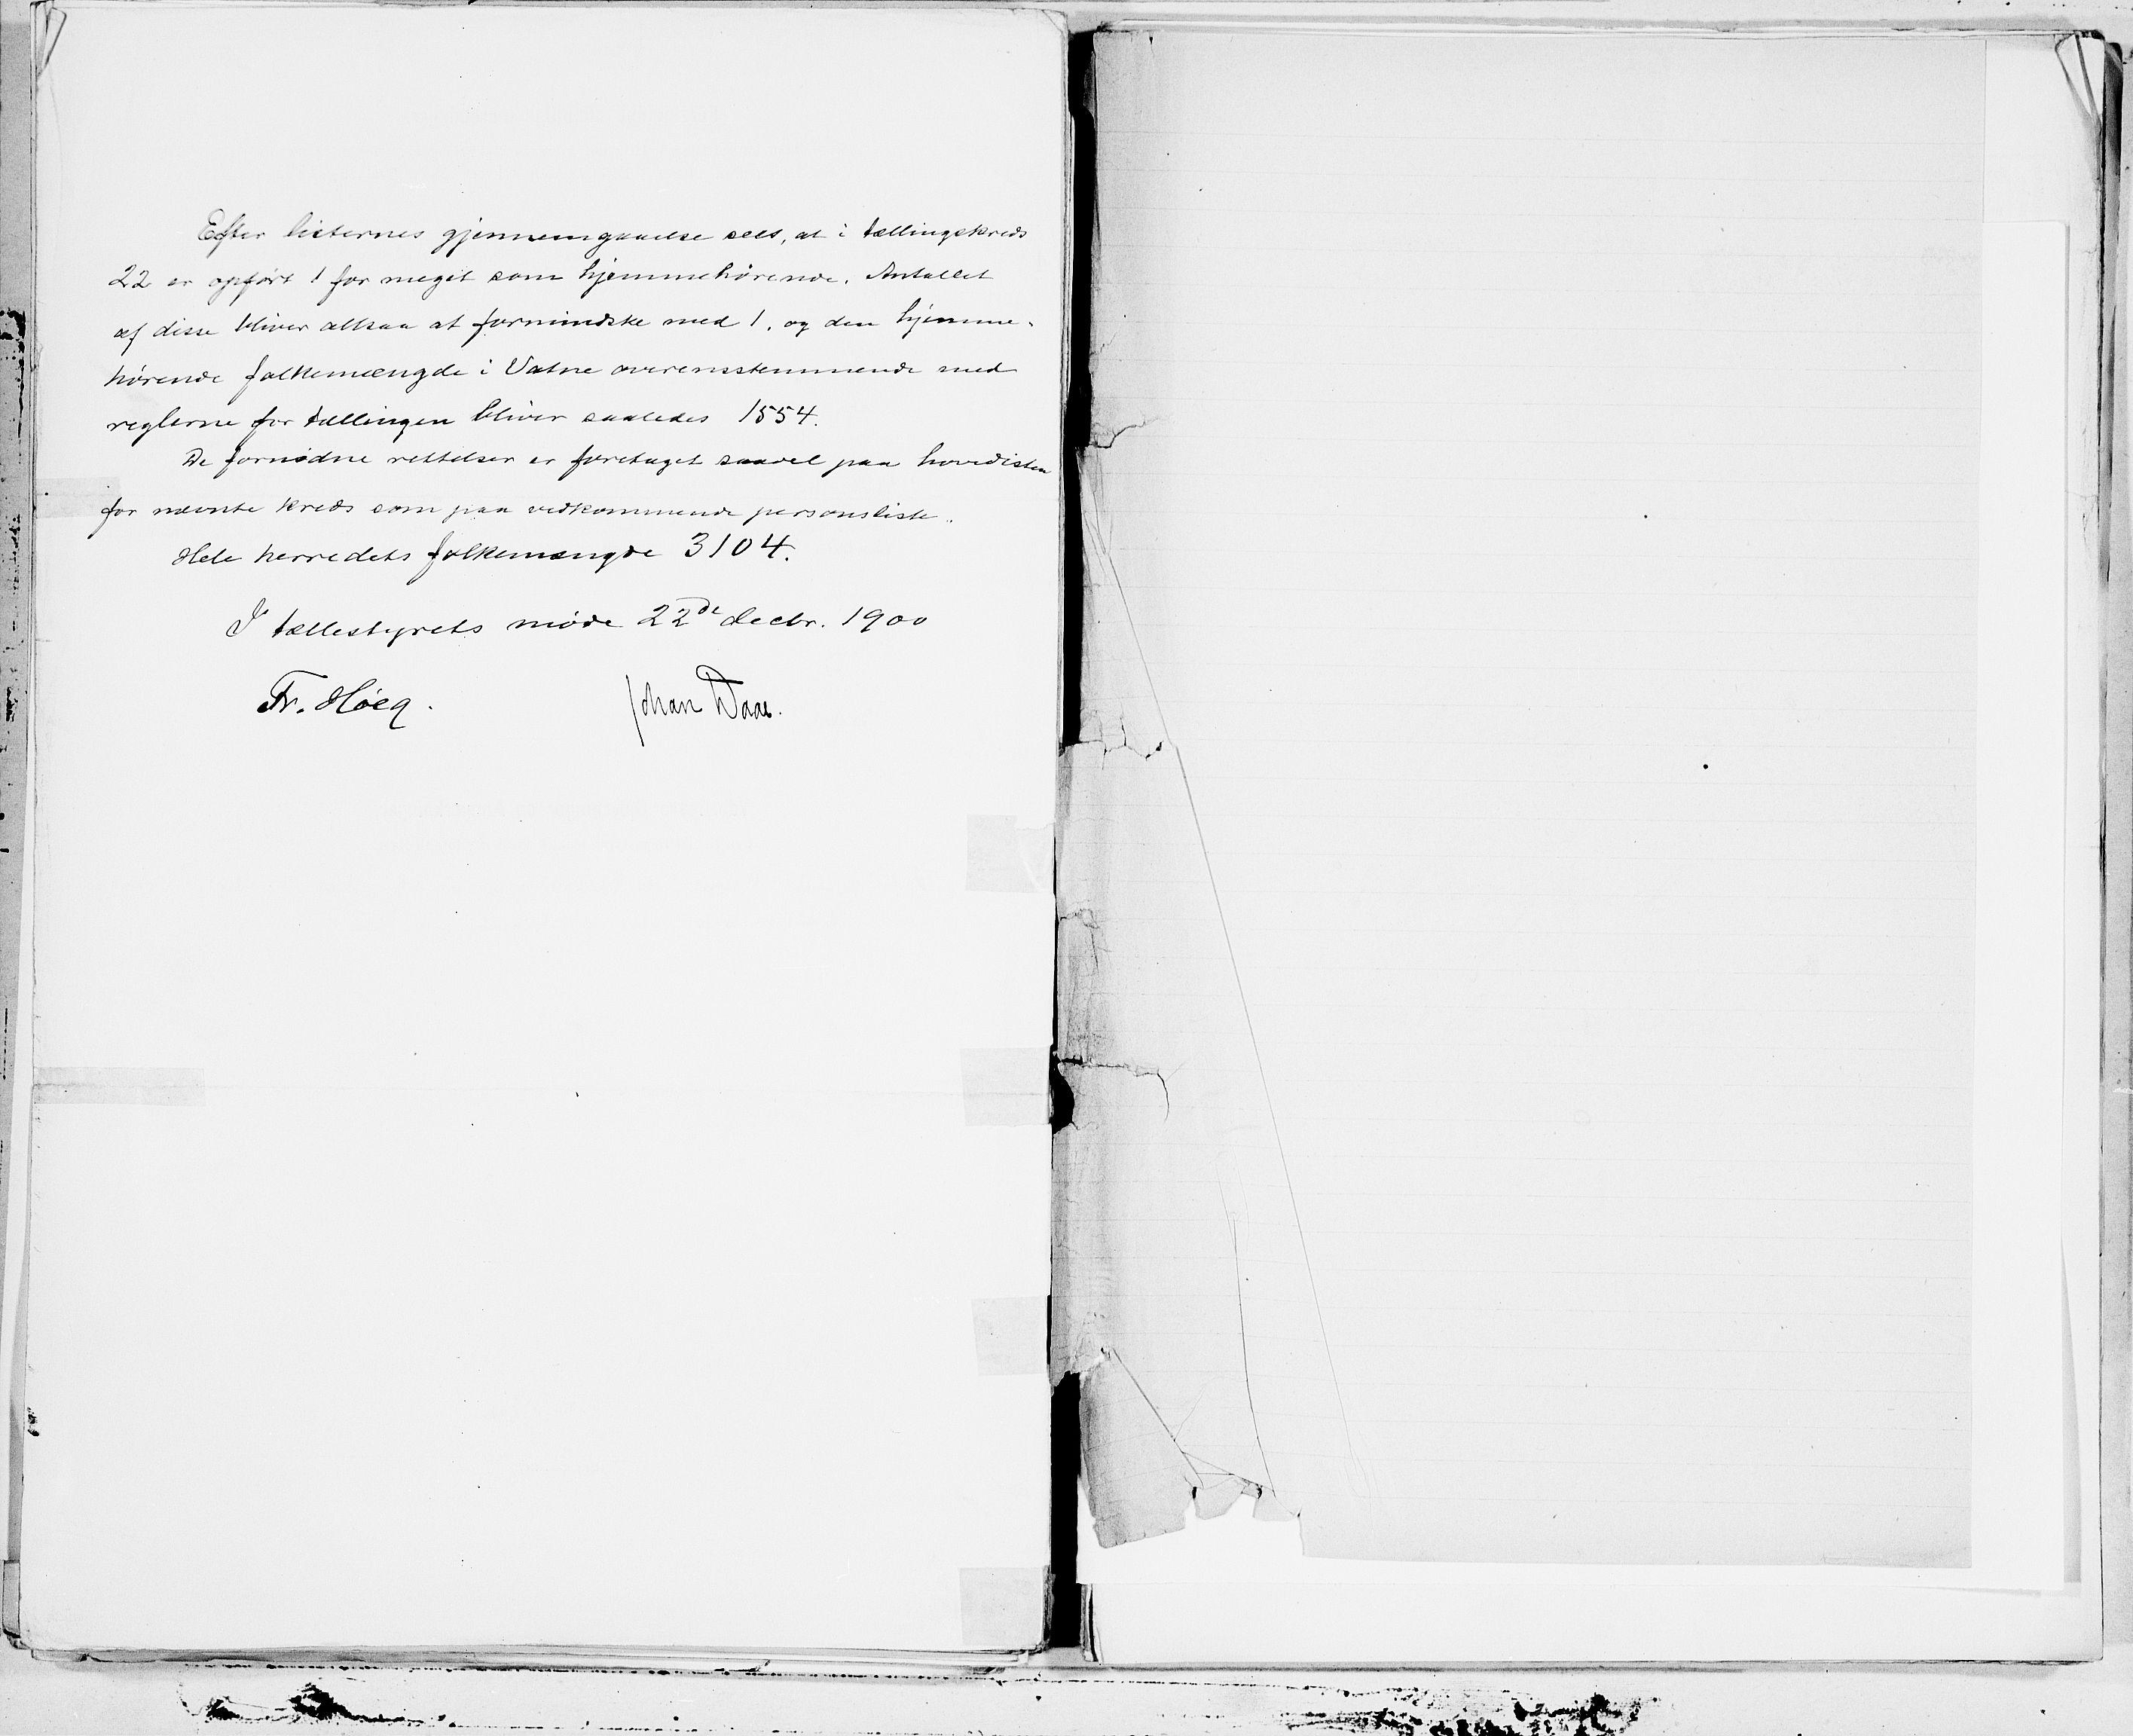 SAT, Folketelling 1900 for 1529 Skodje herred, 1900, s. 48